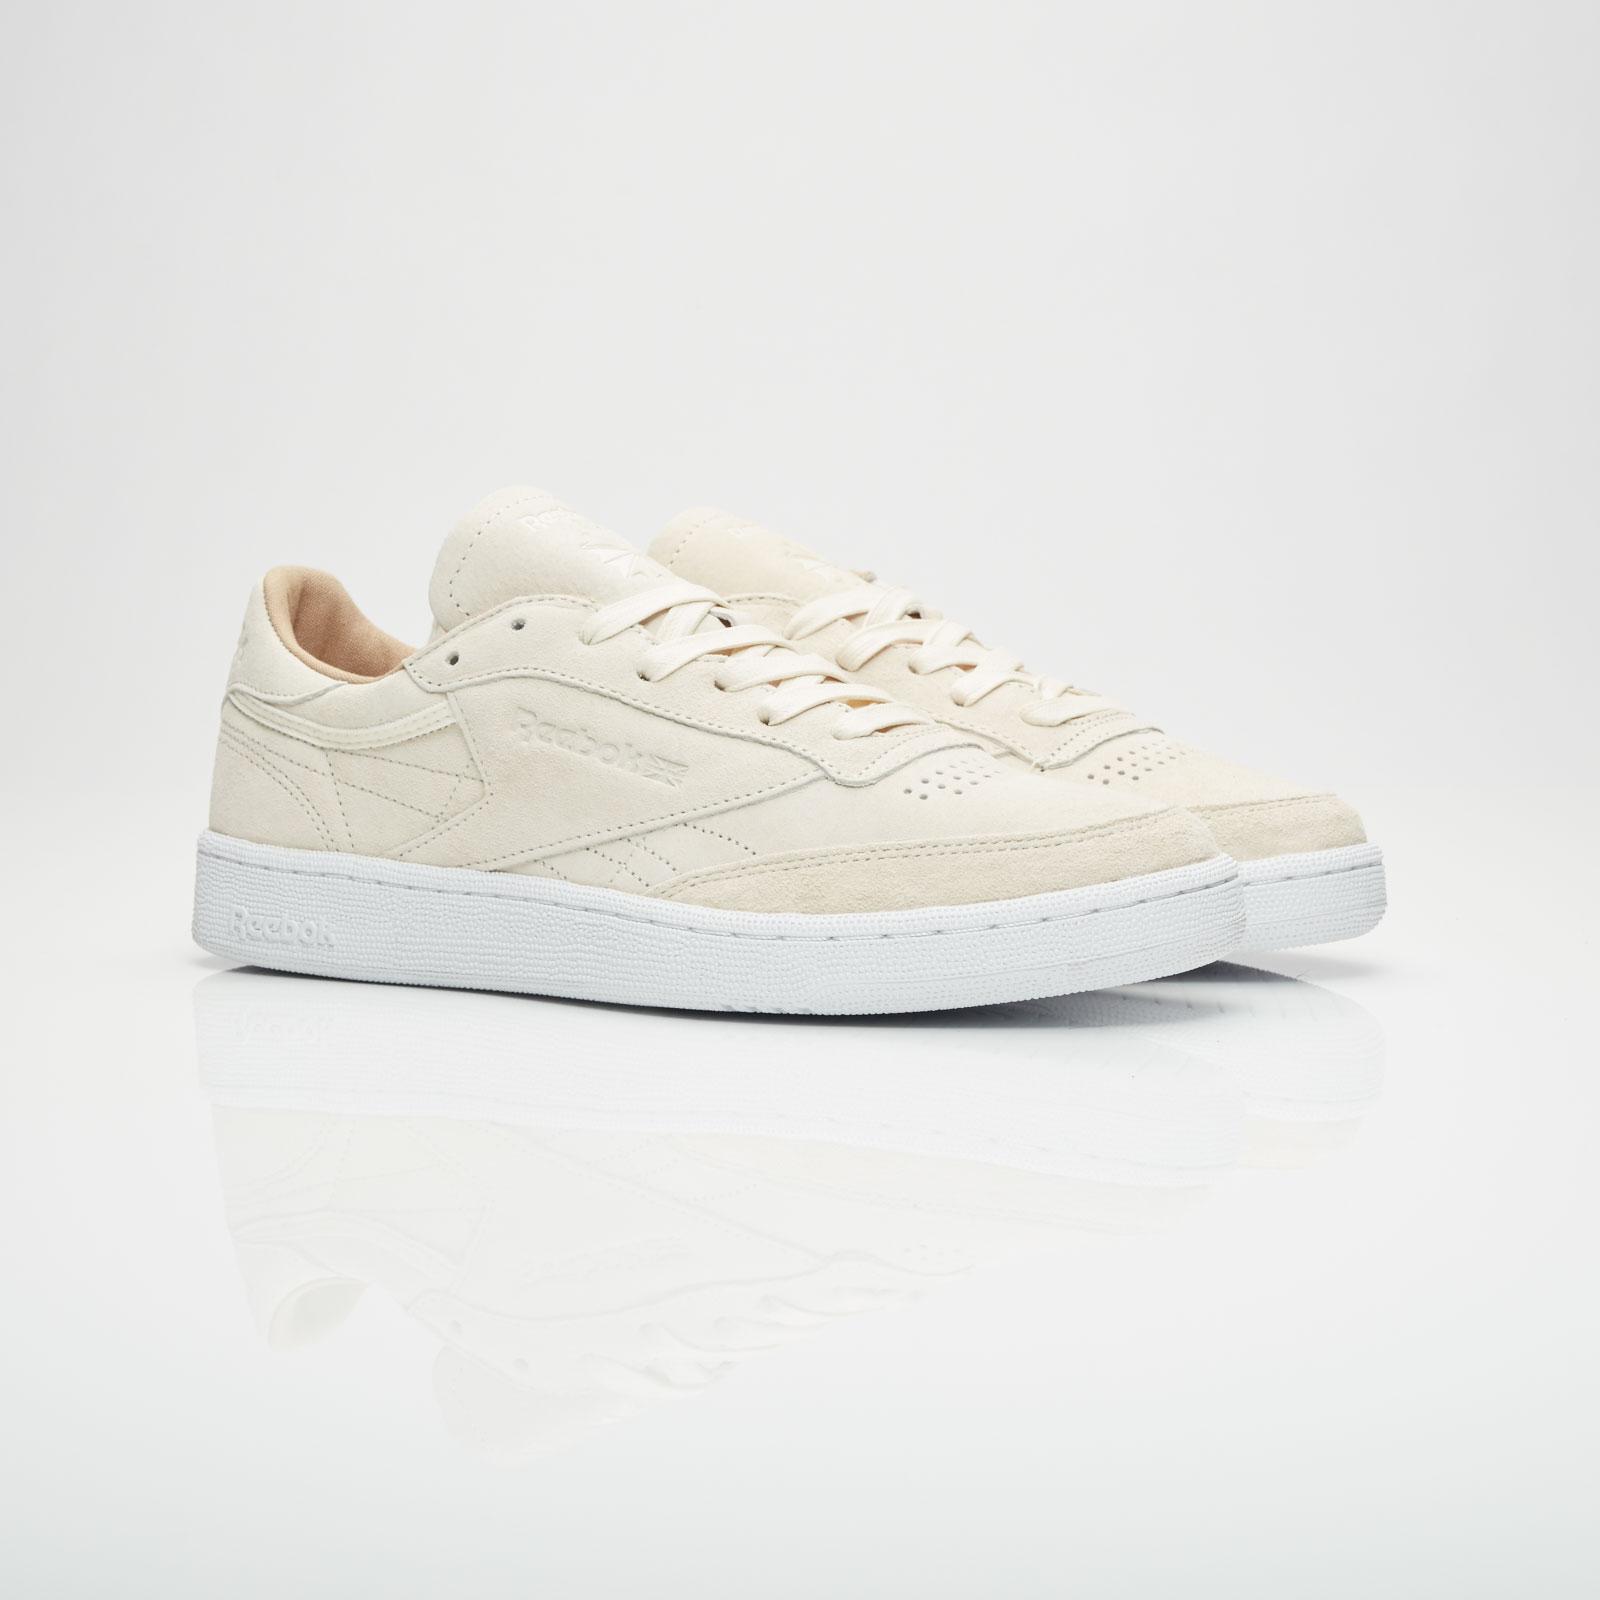 13d91579e26 Reebok Club C 85 Lst - Bd1898 - Sneakersnstuff